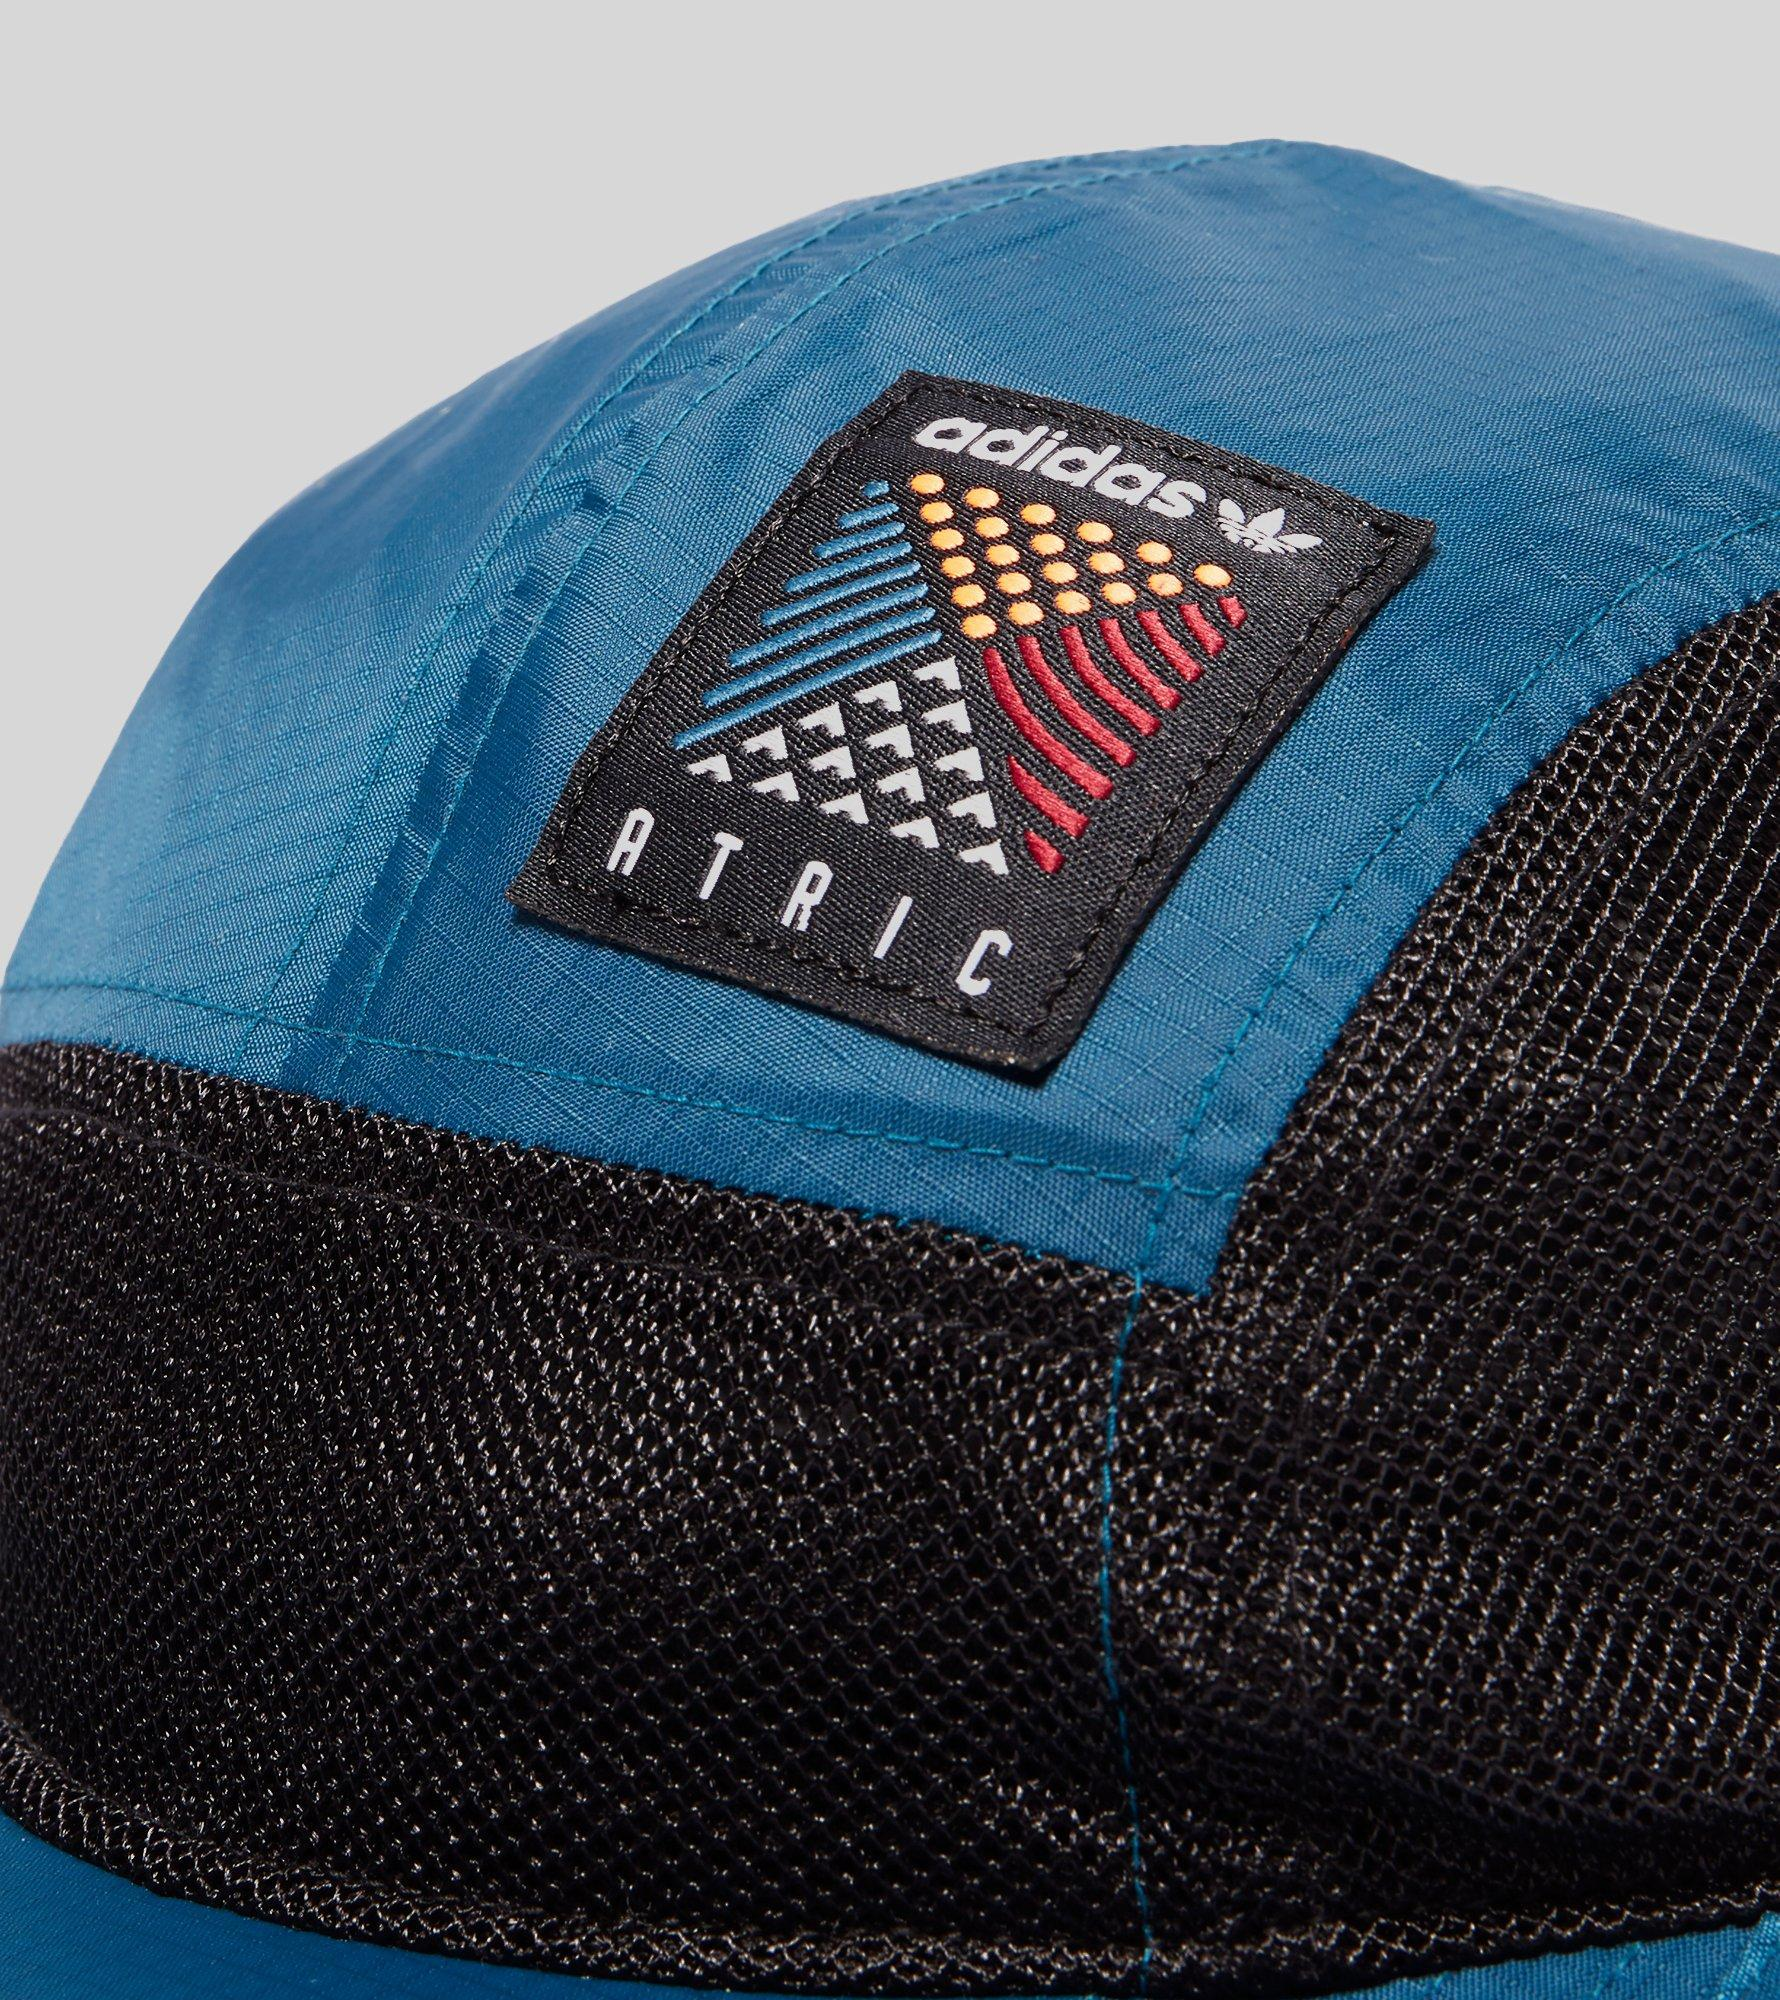 4f779754f54 adidas Atric 5 Panel Cap in Blue for Men - Lyst